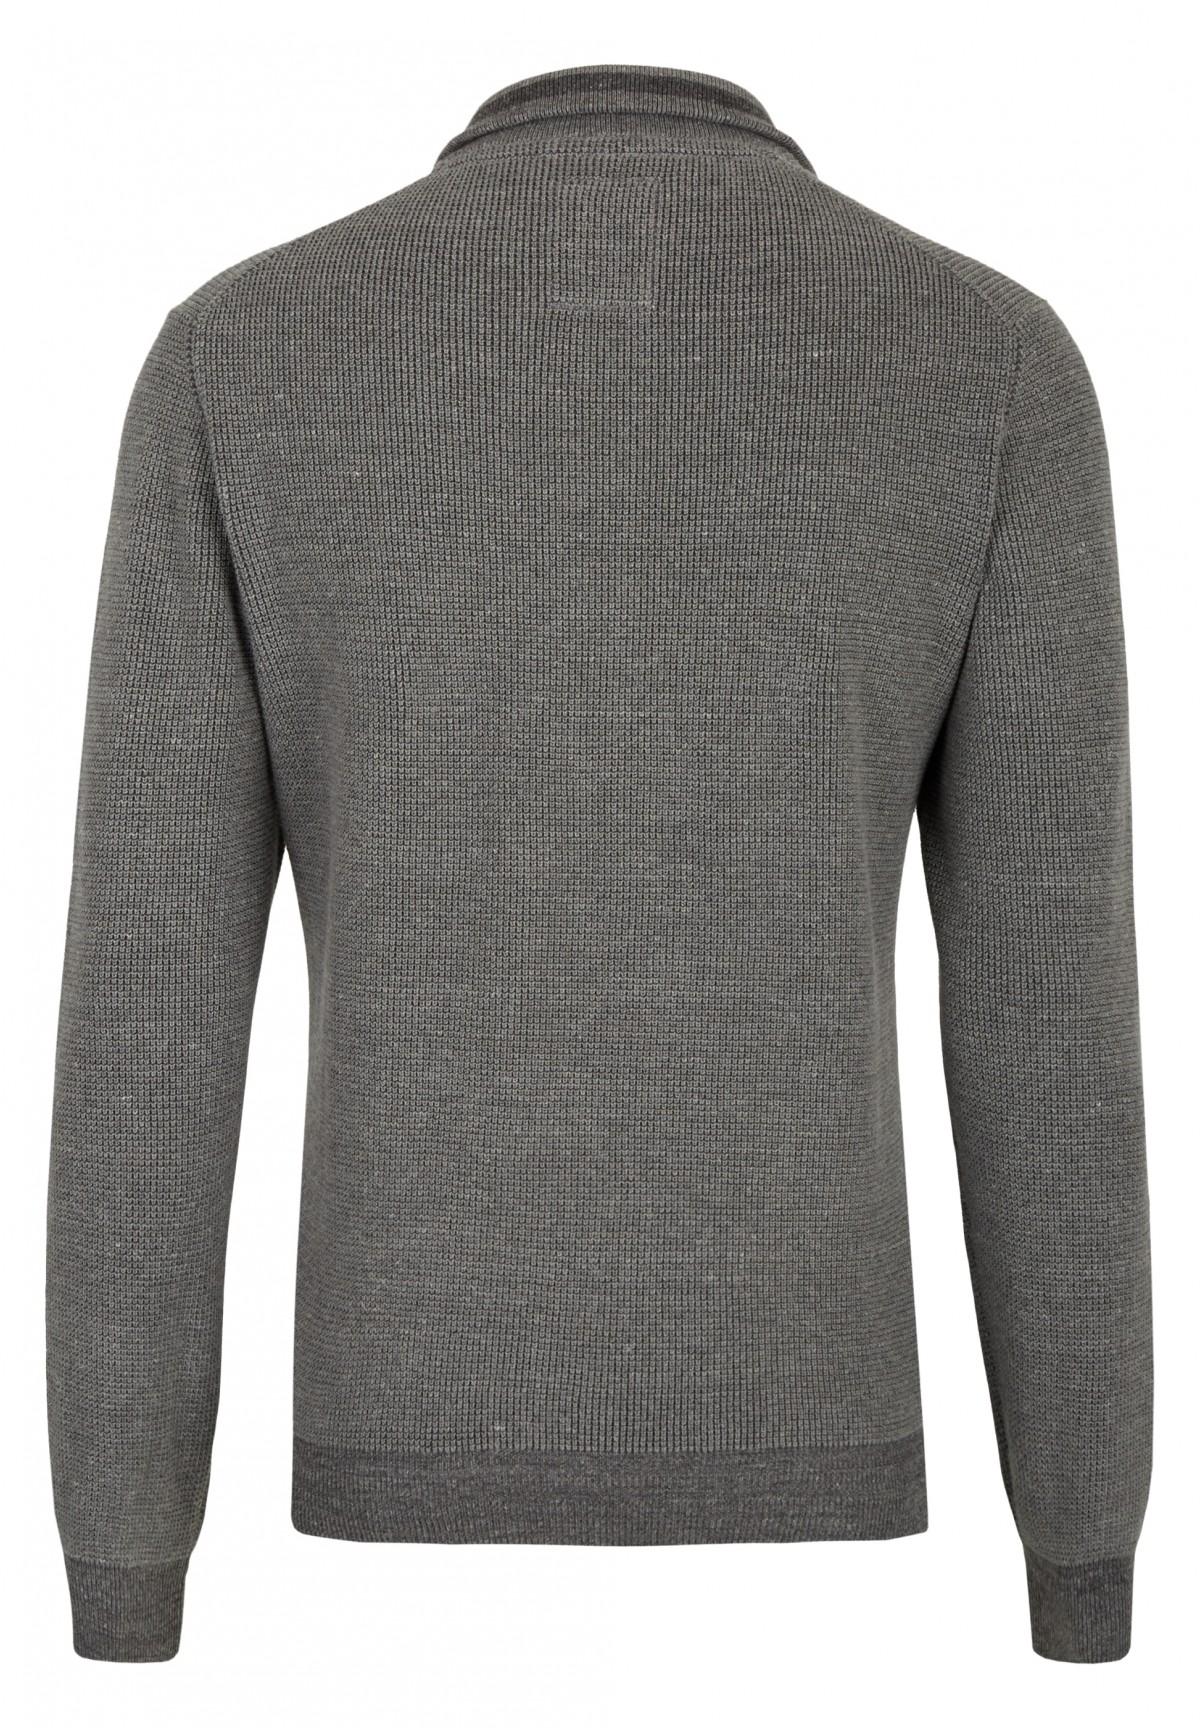 Pullover mit Troyer-Kragen / Pullover mit Troyer-Kragen